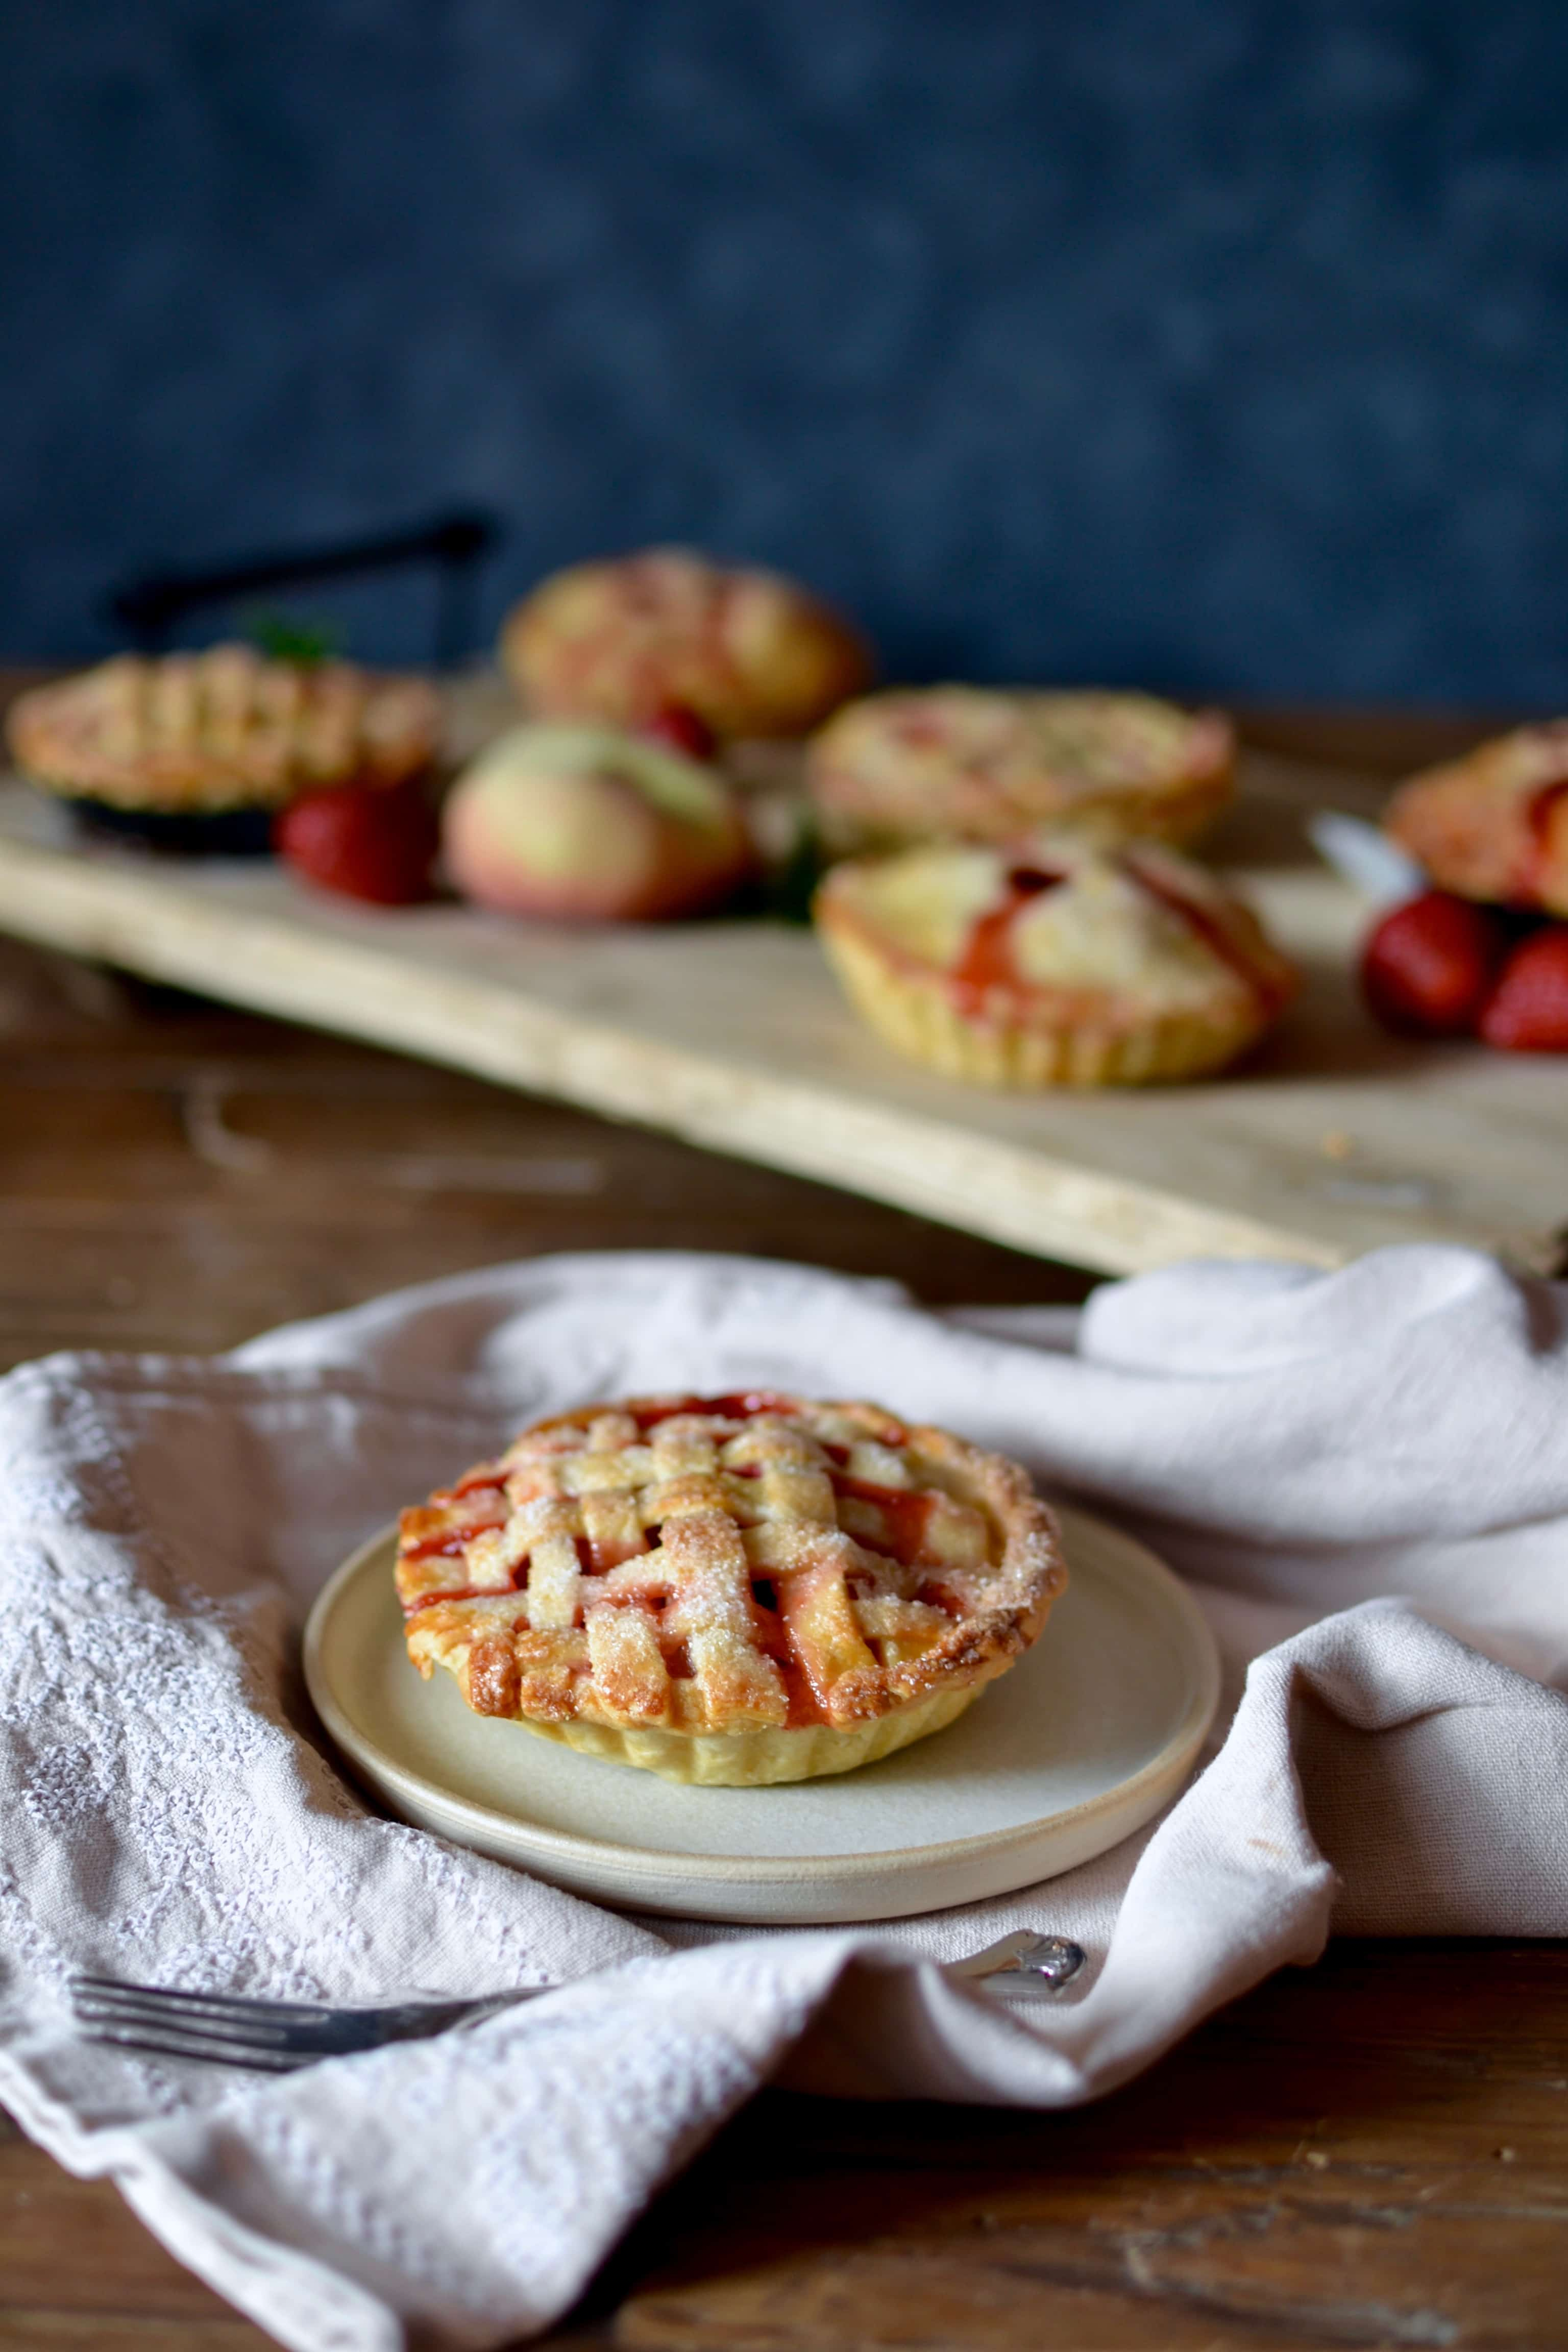 Pfirsich Erdbeer Tartelettes